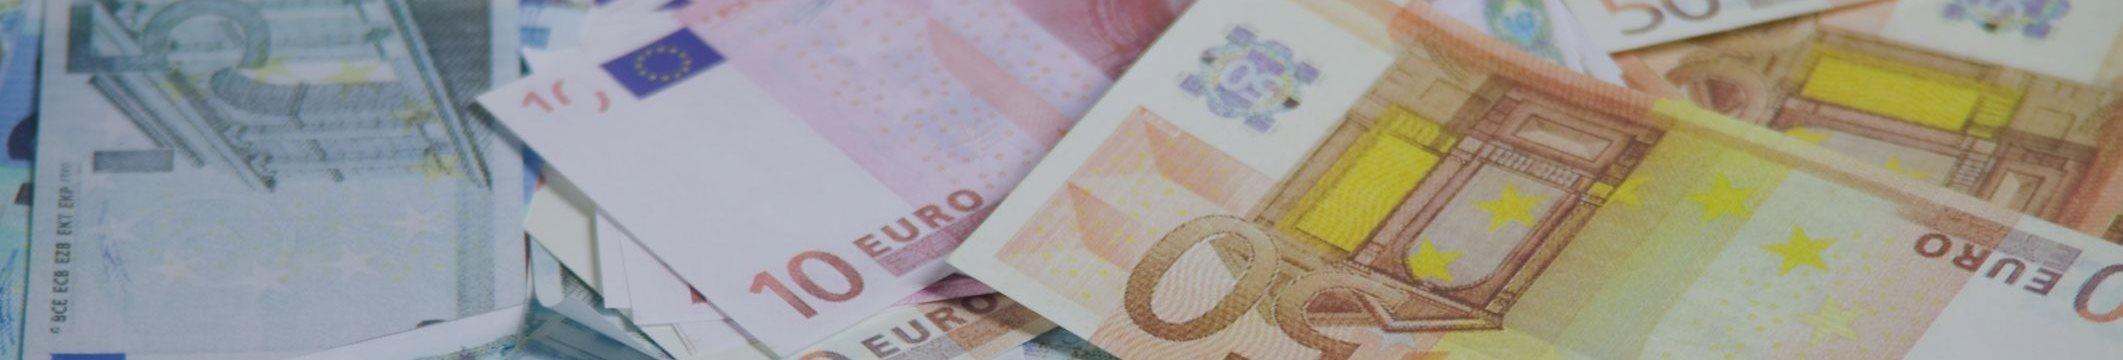 Центробанки собираются утопить рынки в евро и еврооблигациях